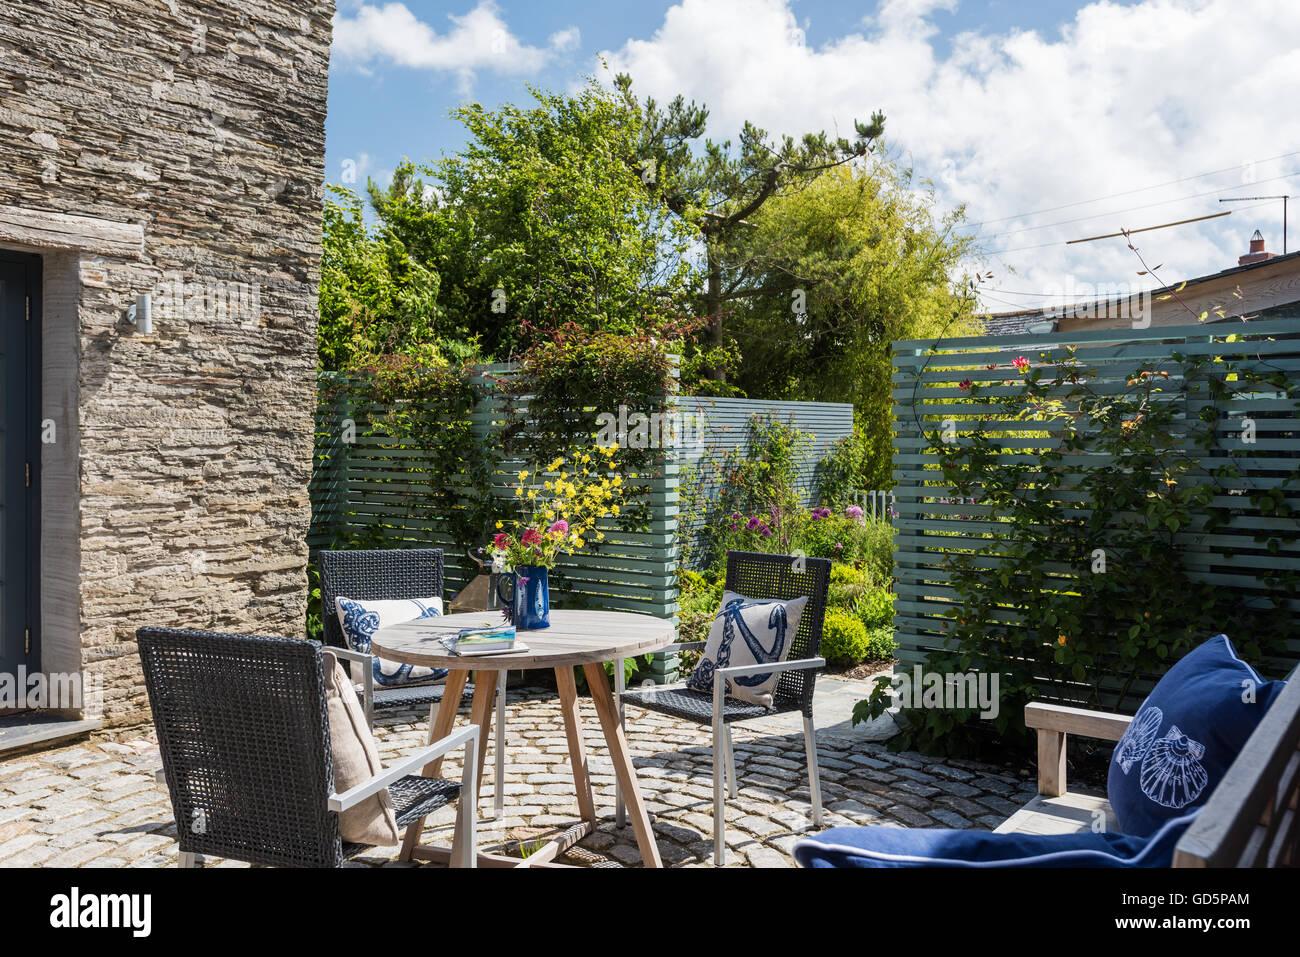 Meubles de jardin de cottage cour avec patio pavé brique circulaire Photo Stock